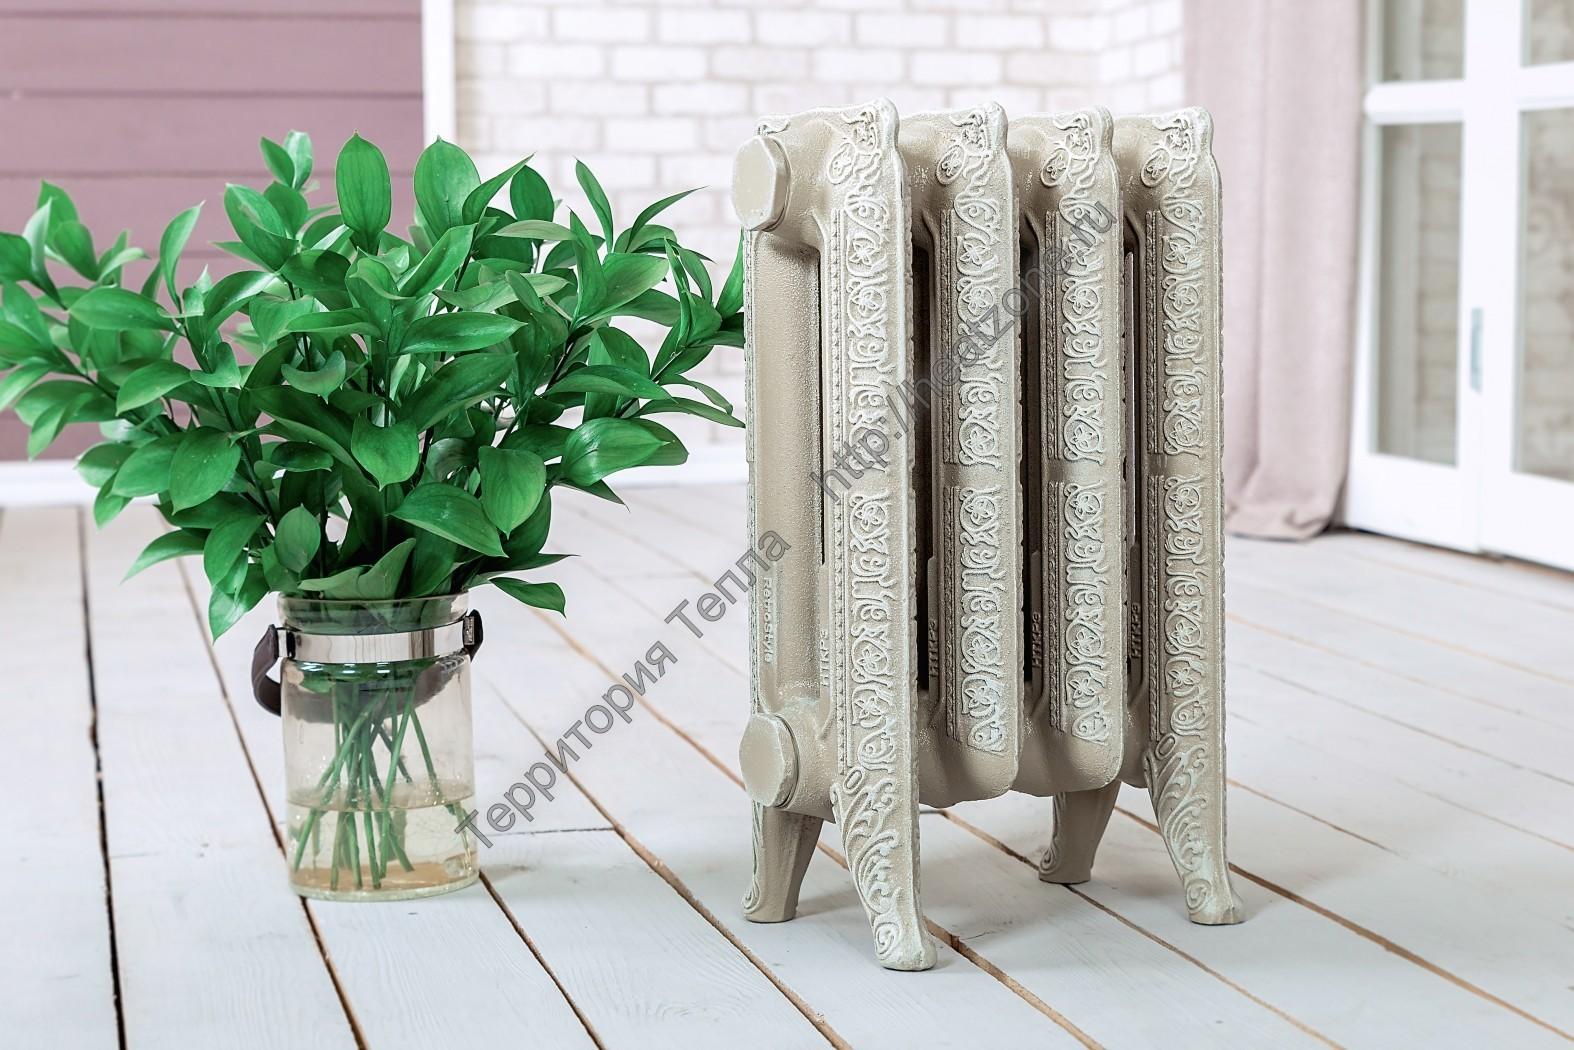 Декоративные радиаторы отопления и их роль в интерьере